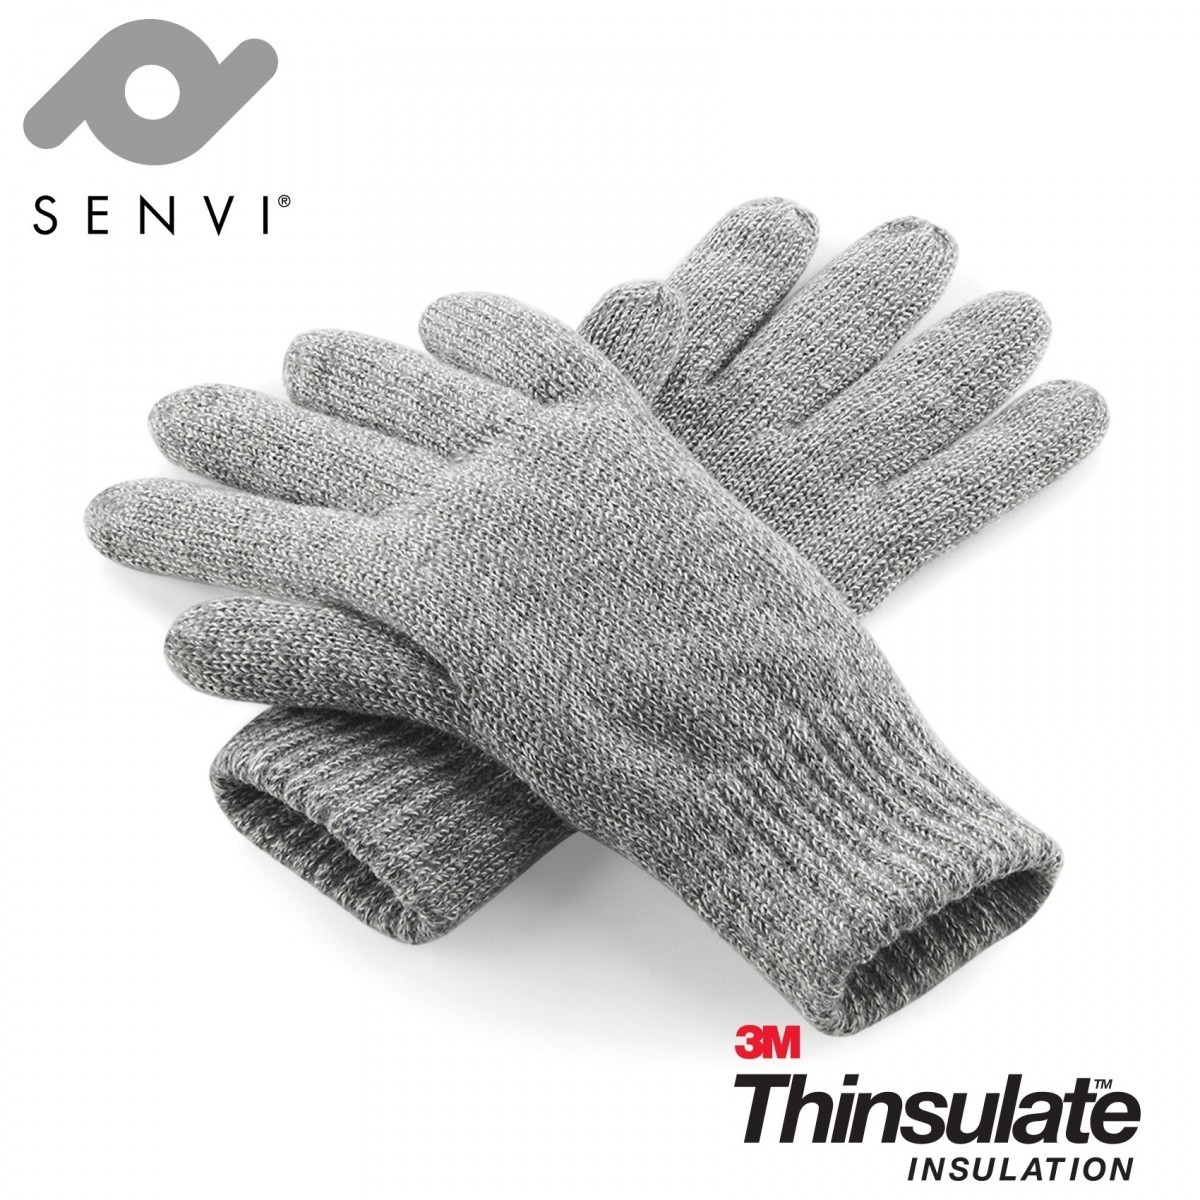 Senvi klassieke 3M Thinsulate™ Handschoenen Grijs Melee Maat S/M (Volledig gevoerd)